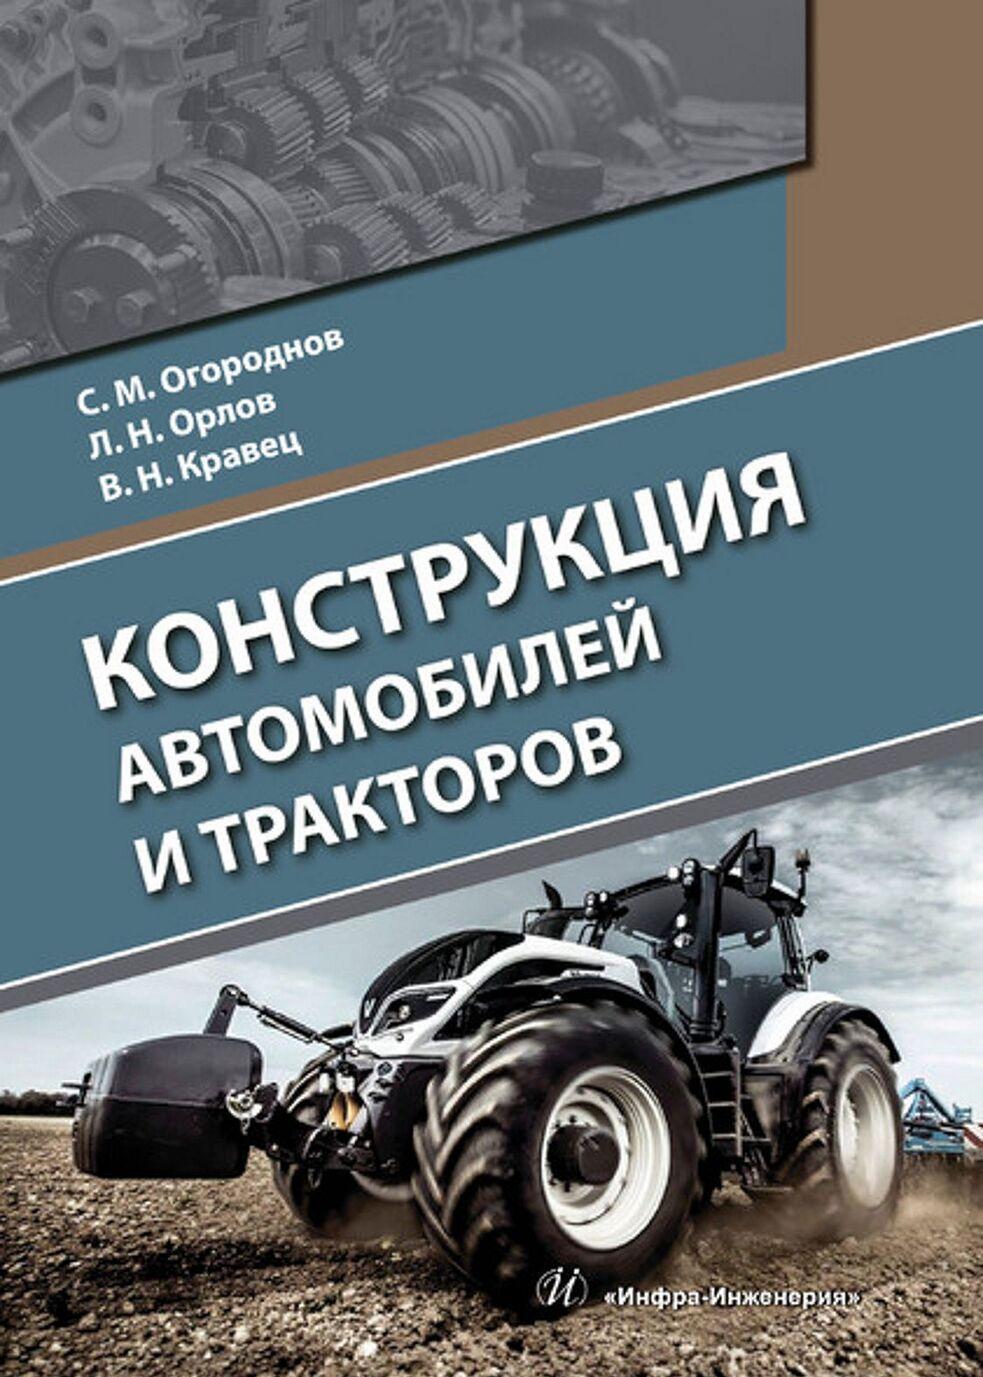 Konstruktsija avtomobilej i traktorov. Uchebnik